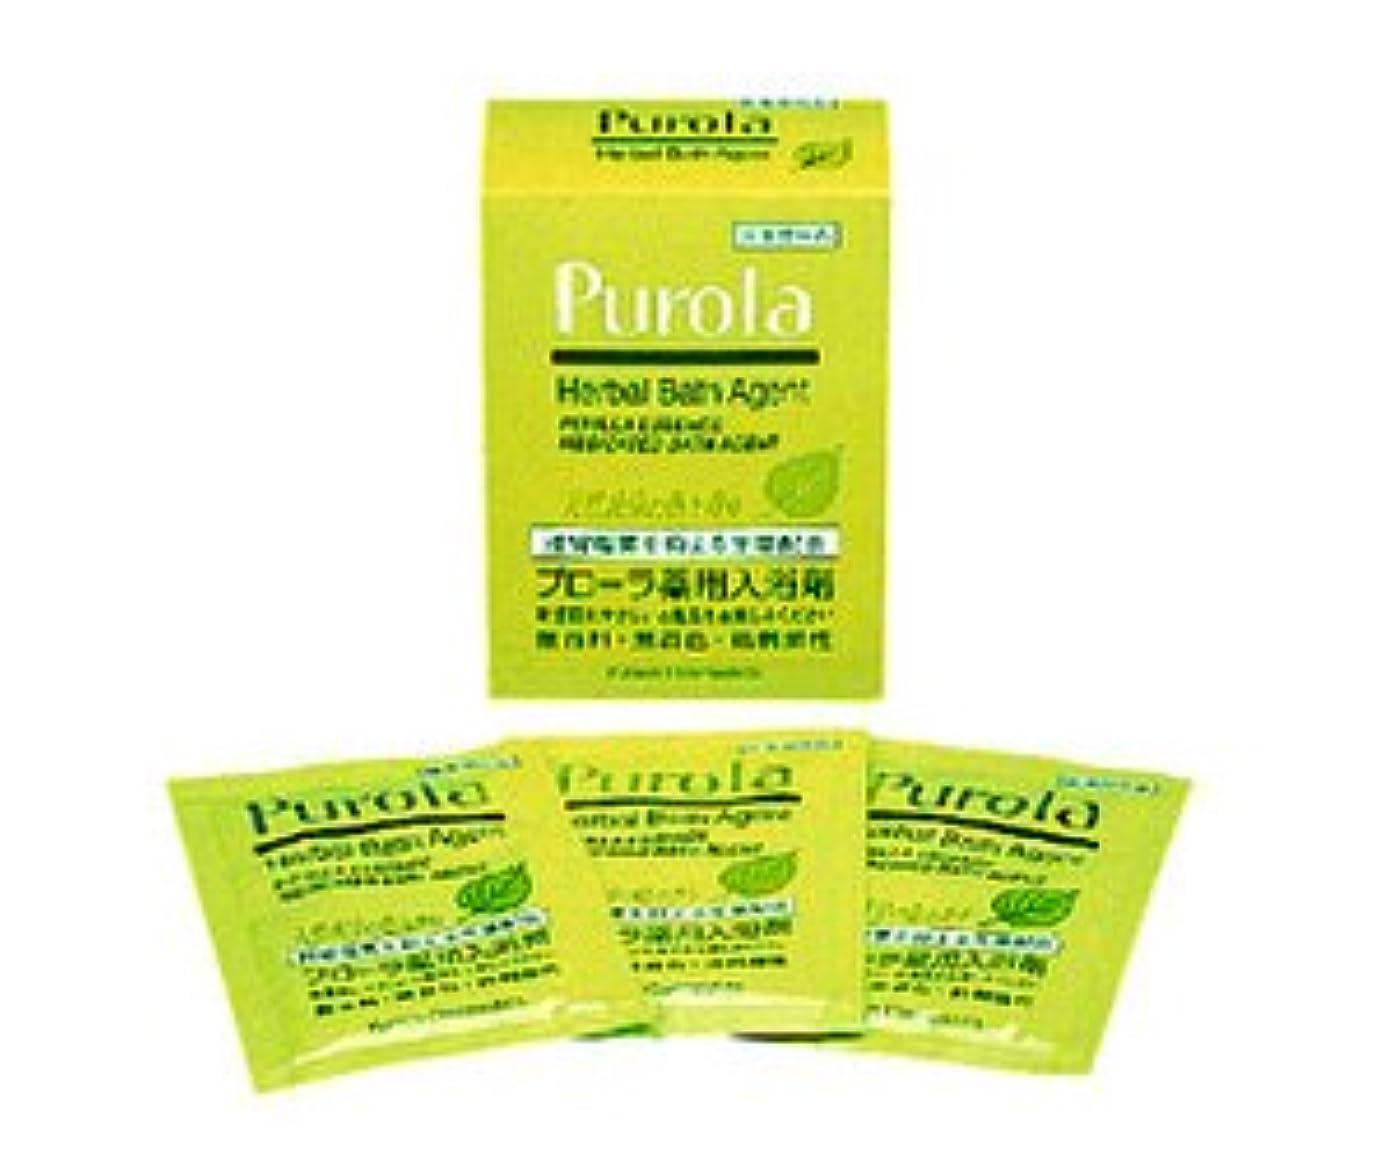 優しいブレーキ予想するプローラ薬用入浴剤 25g×10包 低刺激性入浴剤